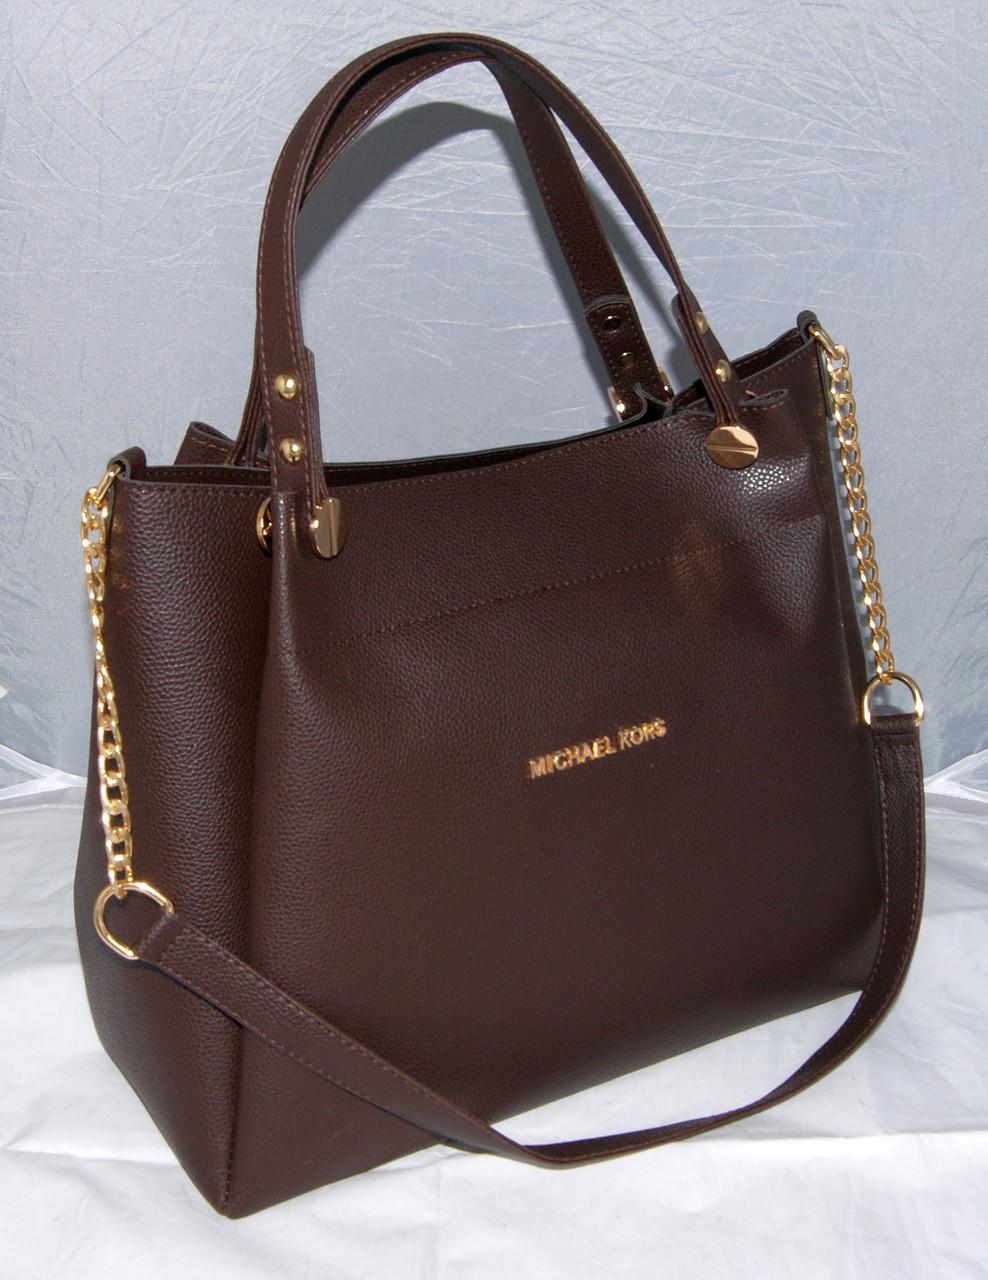 Женская сумка Michael Kors, цвет коричневый Майкл Корс MK